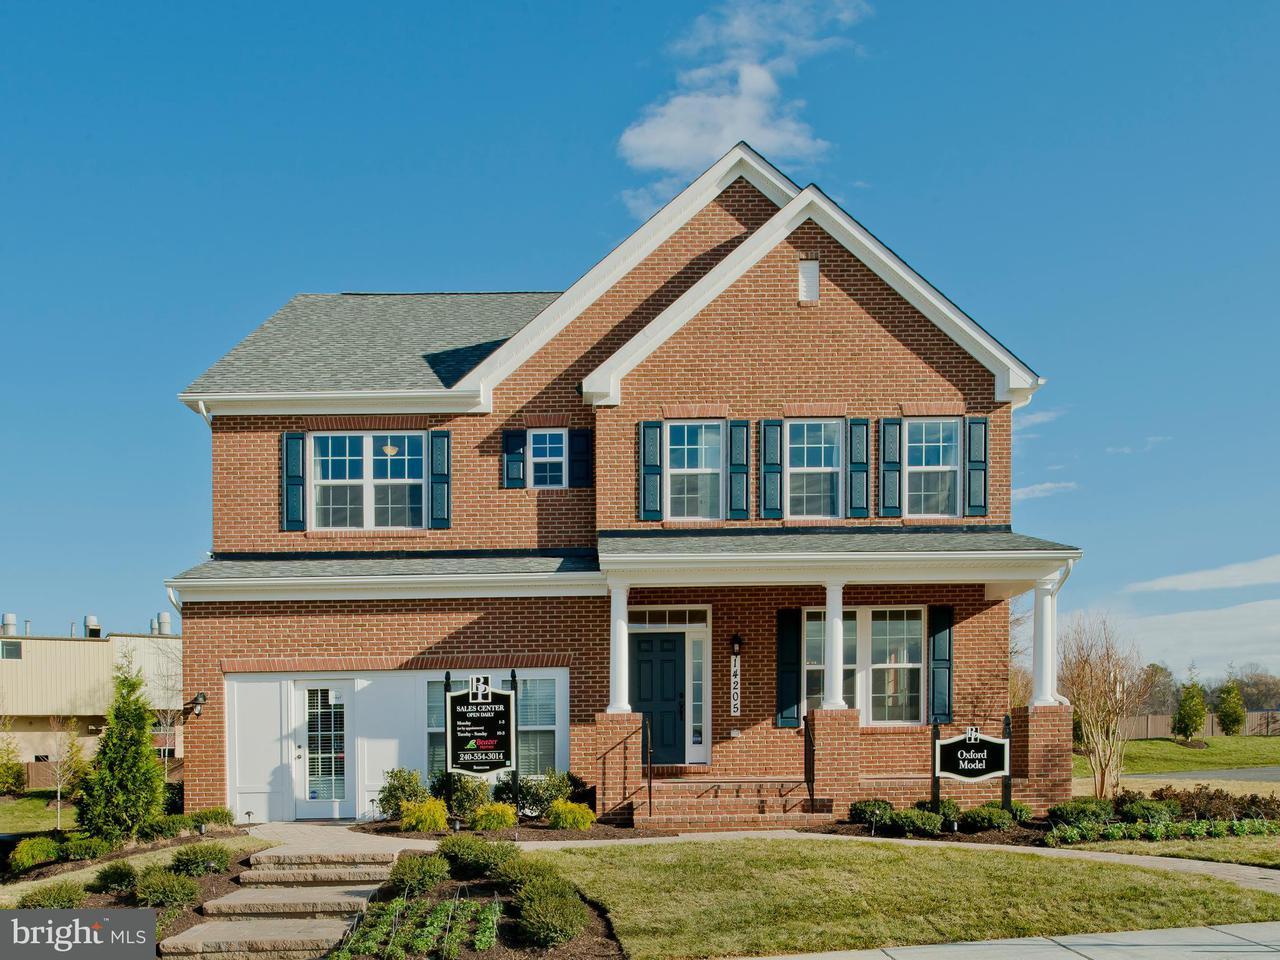 獨棟家庭住宅 為 出售 在 385 MORGAN RUN Road 385 MORGAN RUN Road Middle River, 馬里蘭州 21220 美國